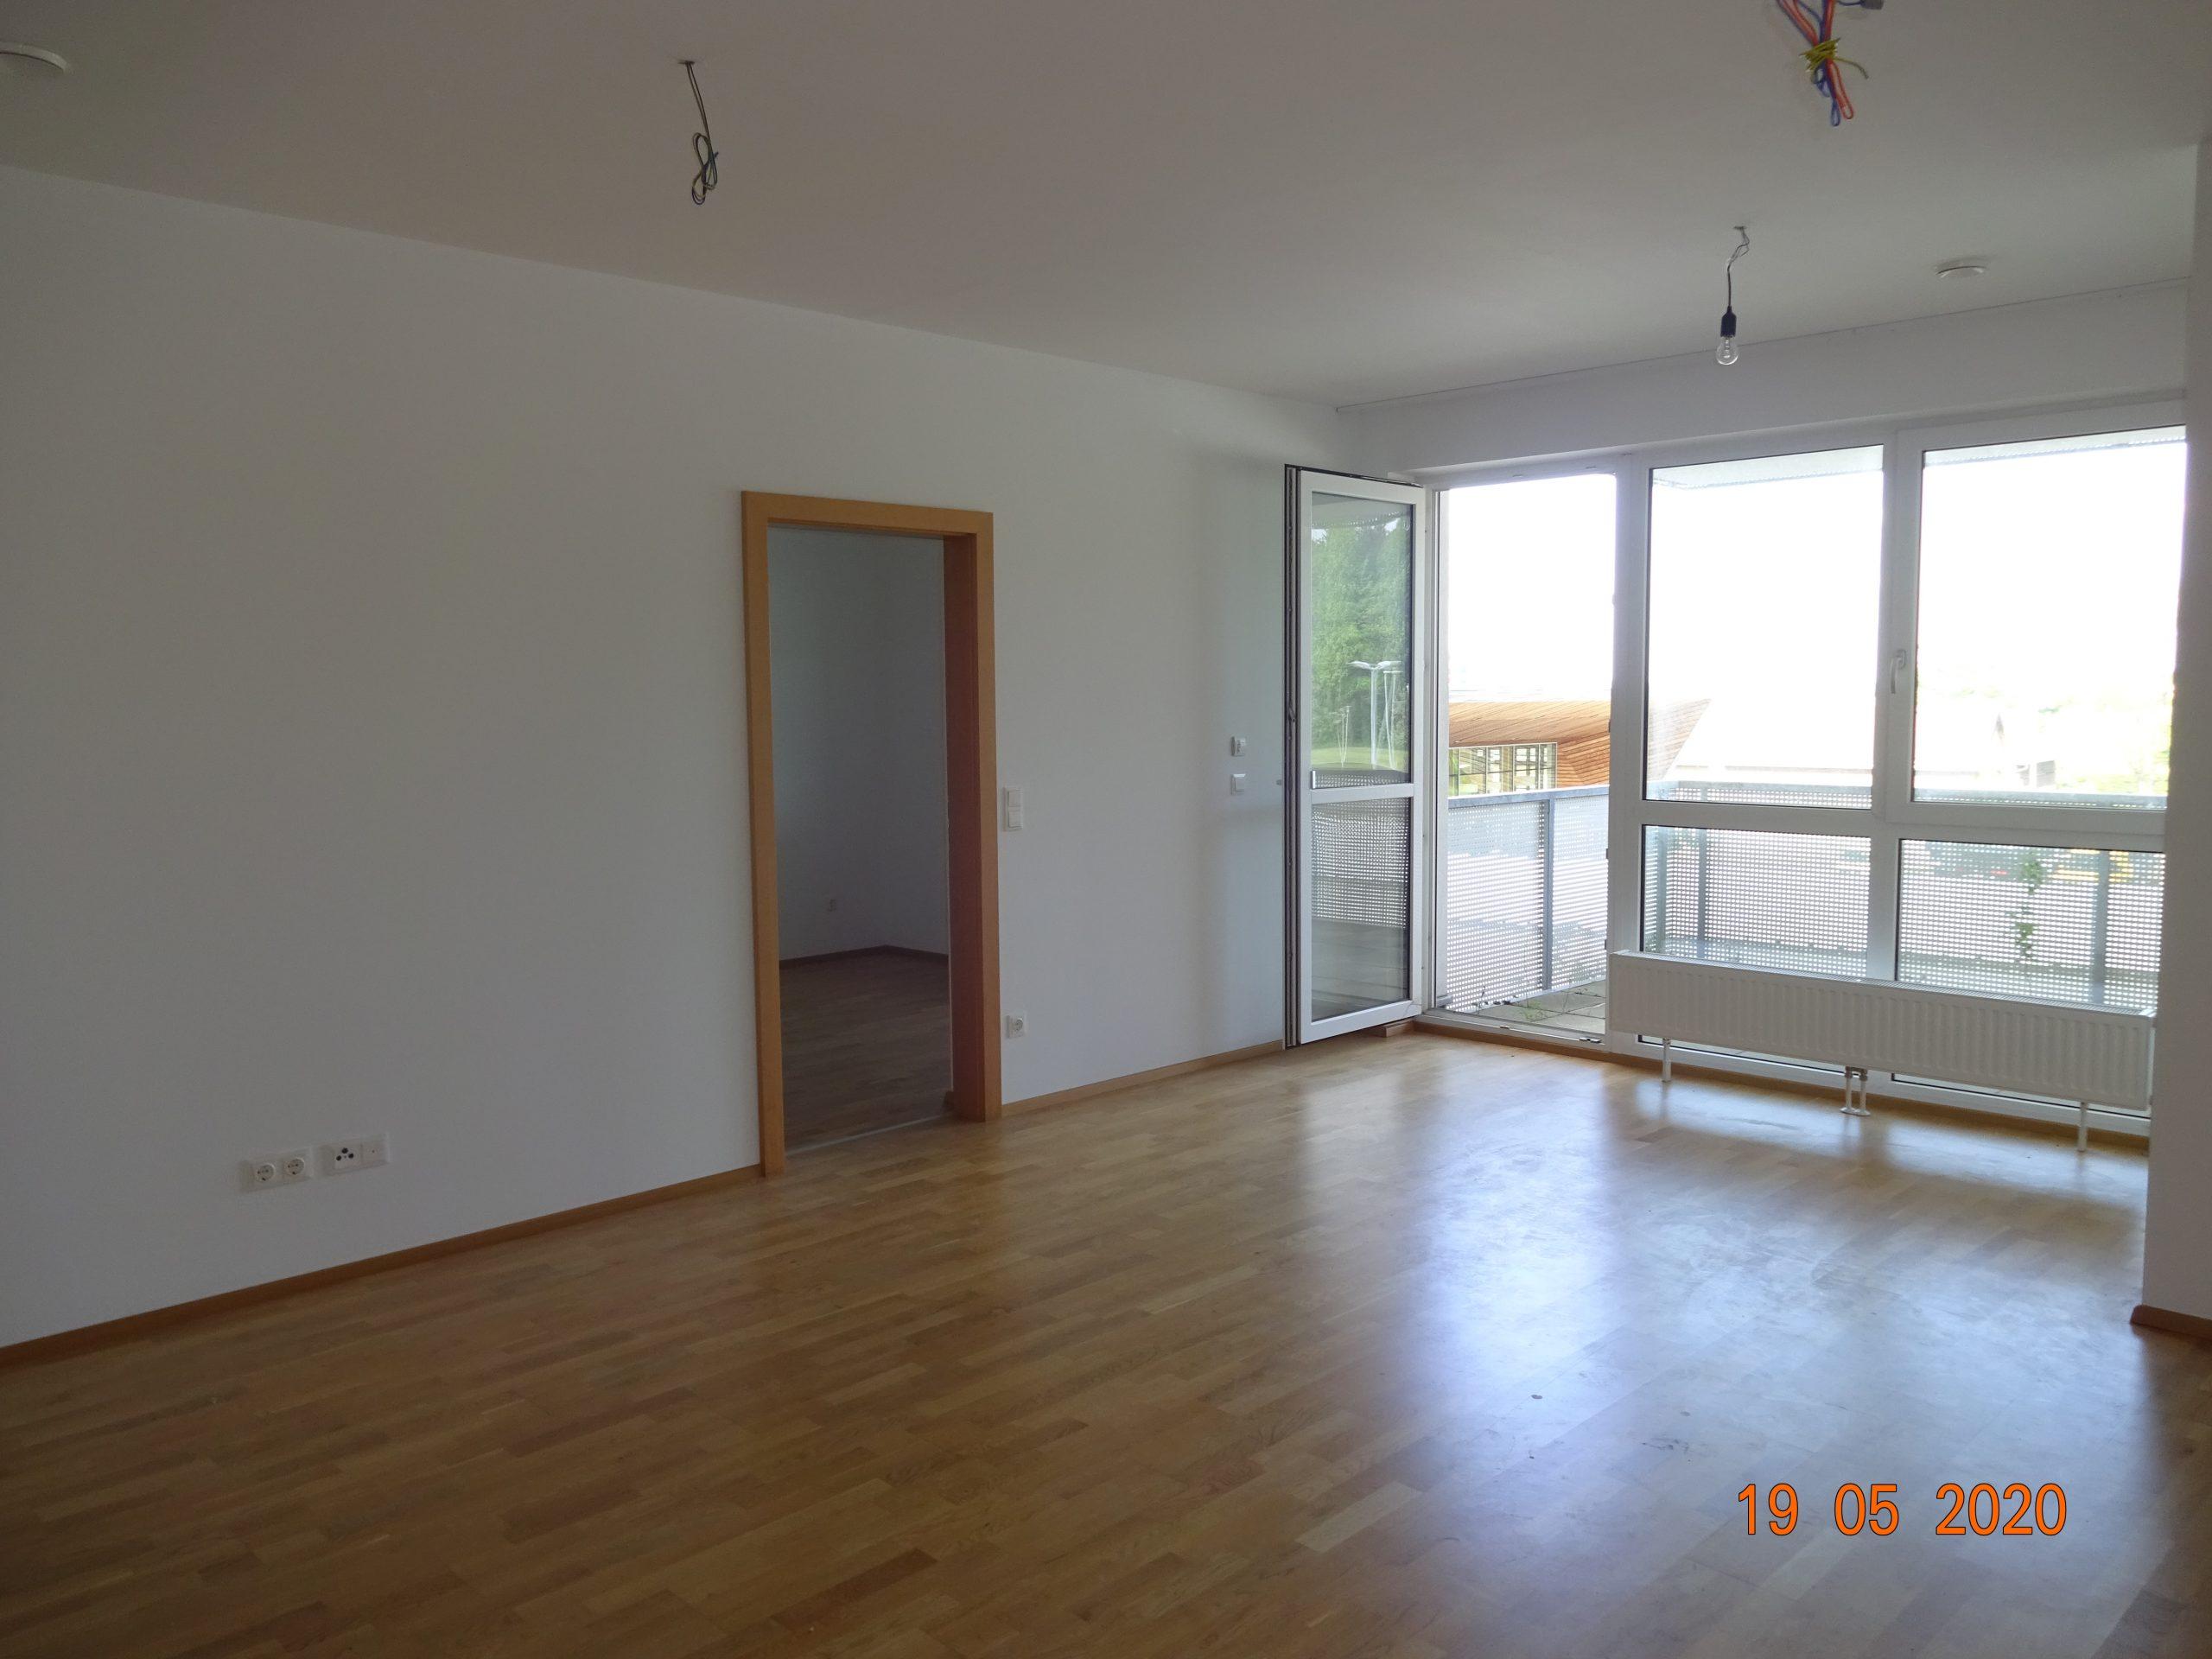 Immobilie von Kamptal in 3631 Ottenschlag, Zwettl, Ottenschlag I/2 - Top 106 #4